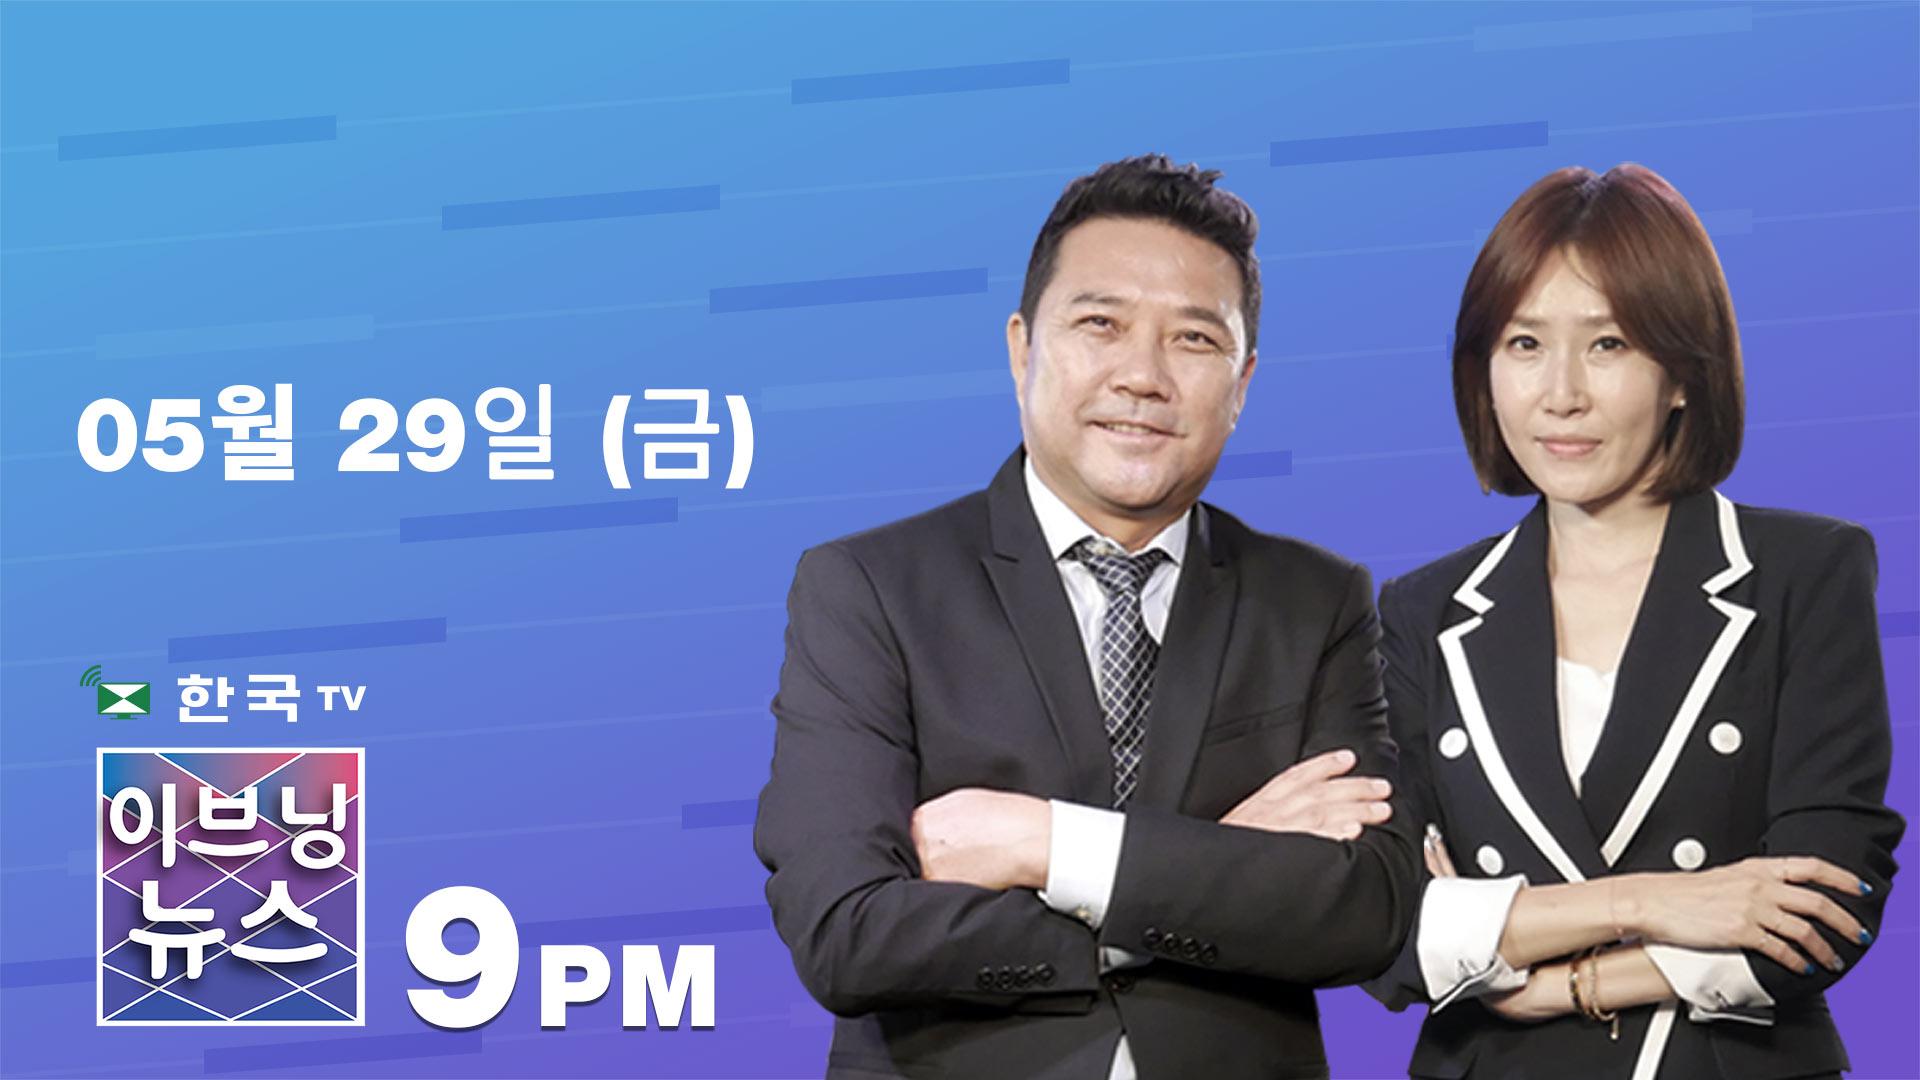 (05.29.2020) 한국TV 이브닝 뉴스